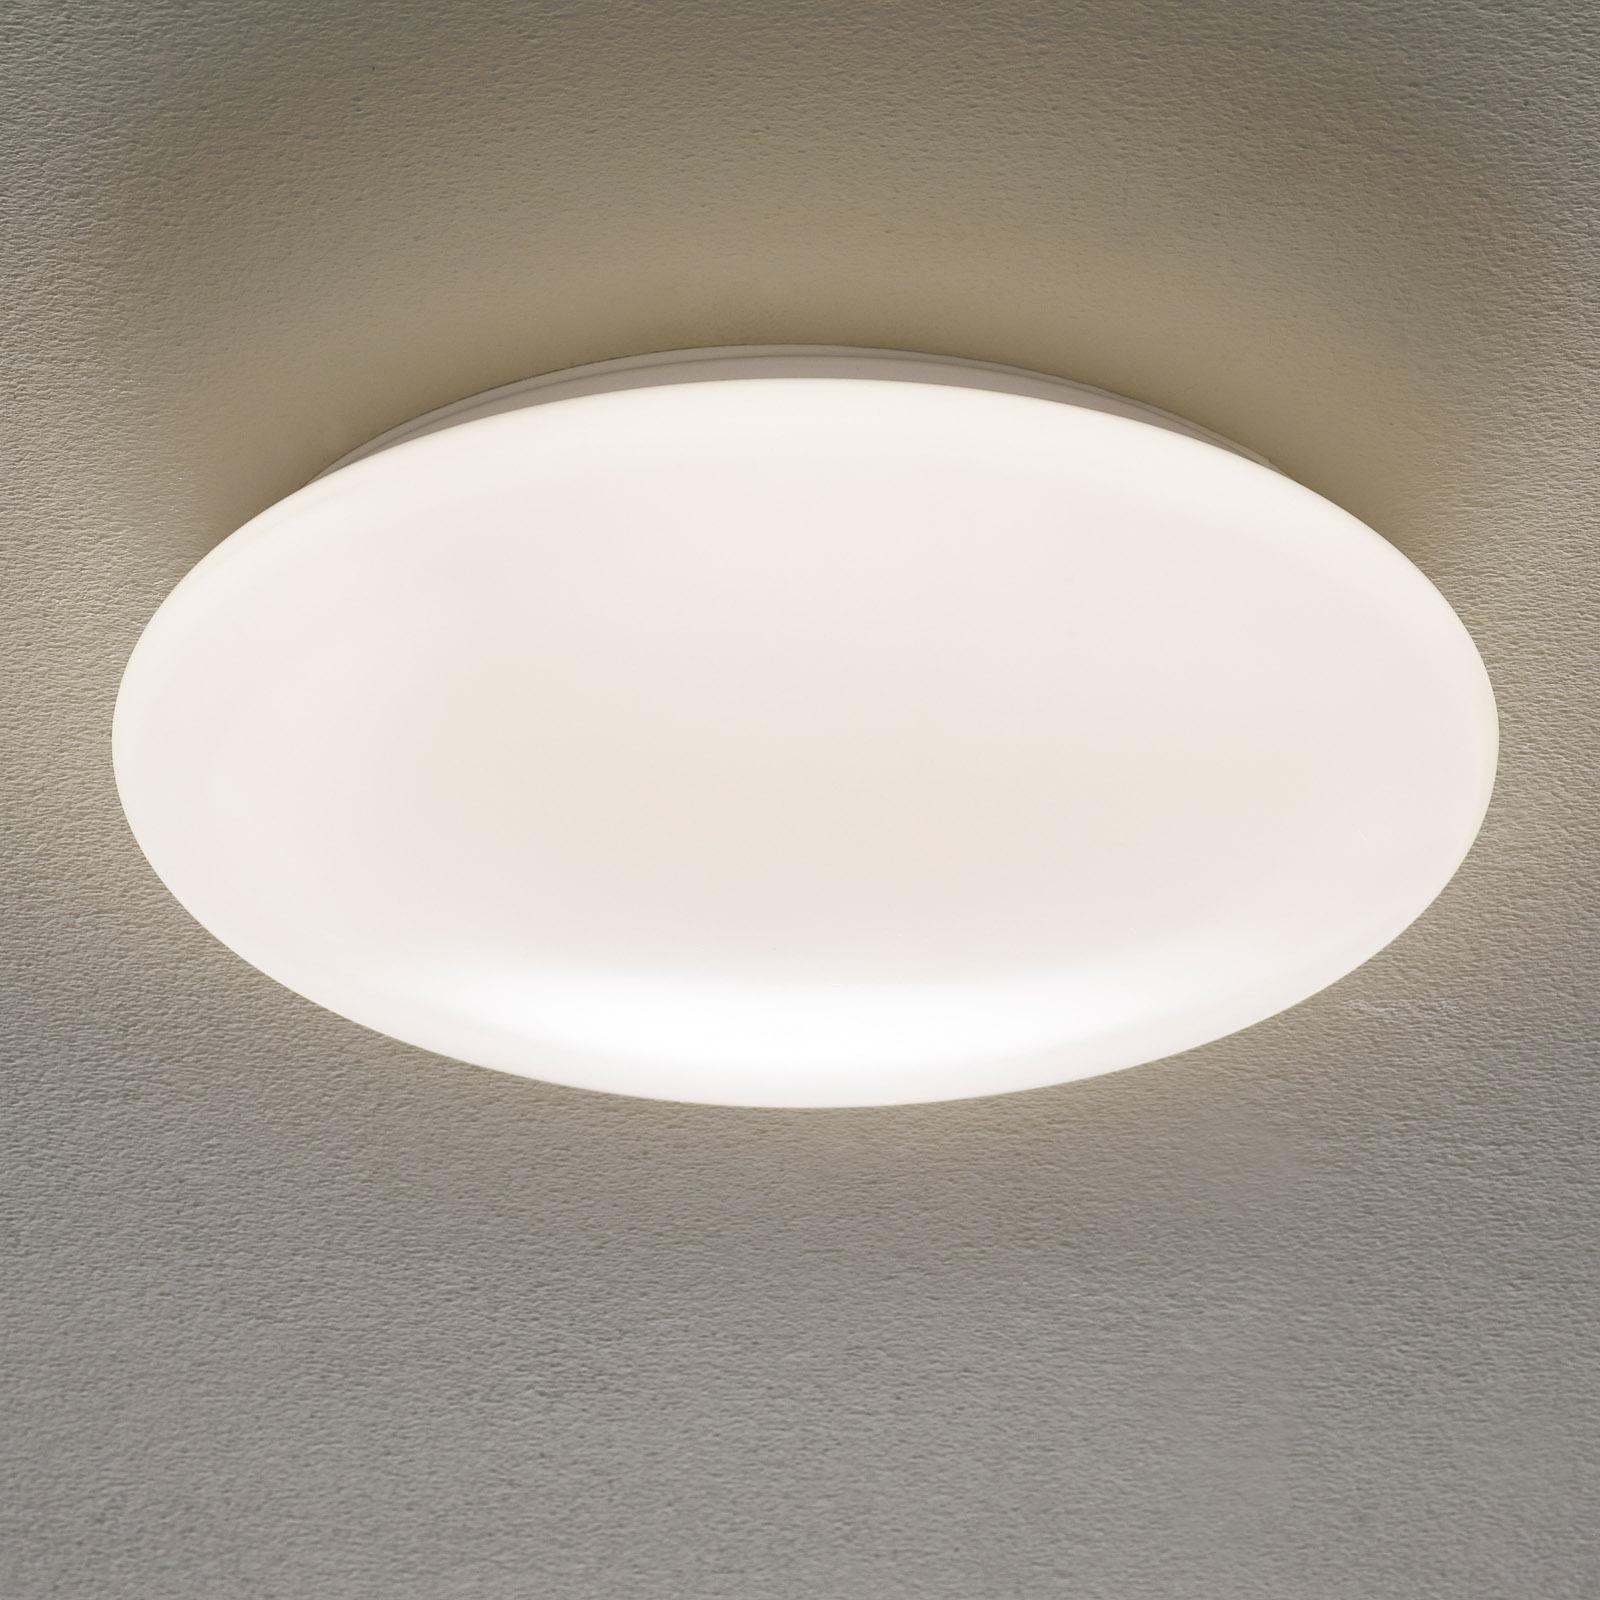 Altona MN3 LED-loftlampe, universalhvid, Ø 32,8 cm